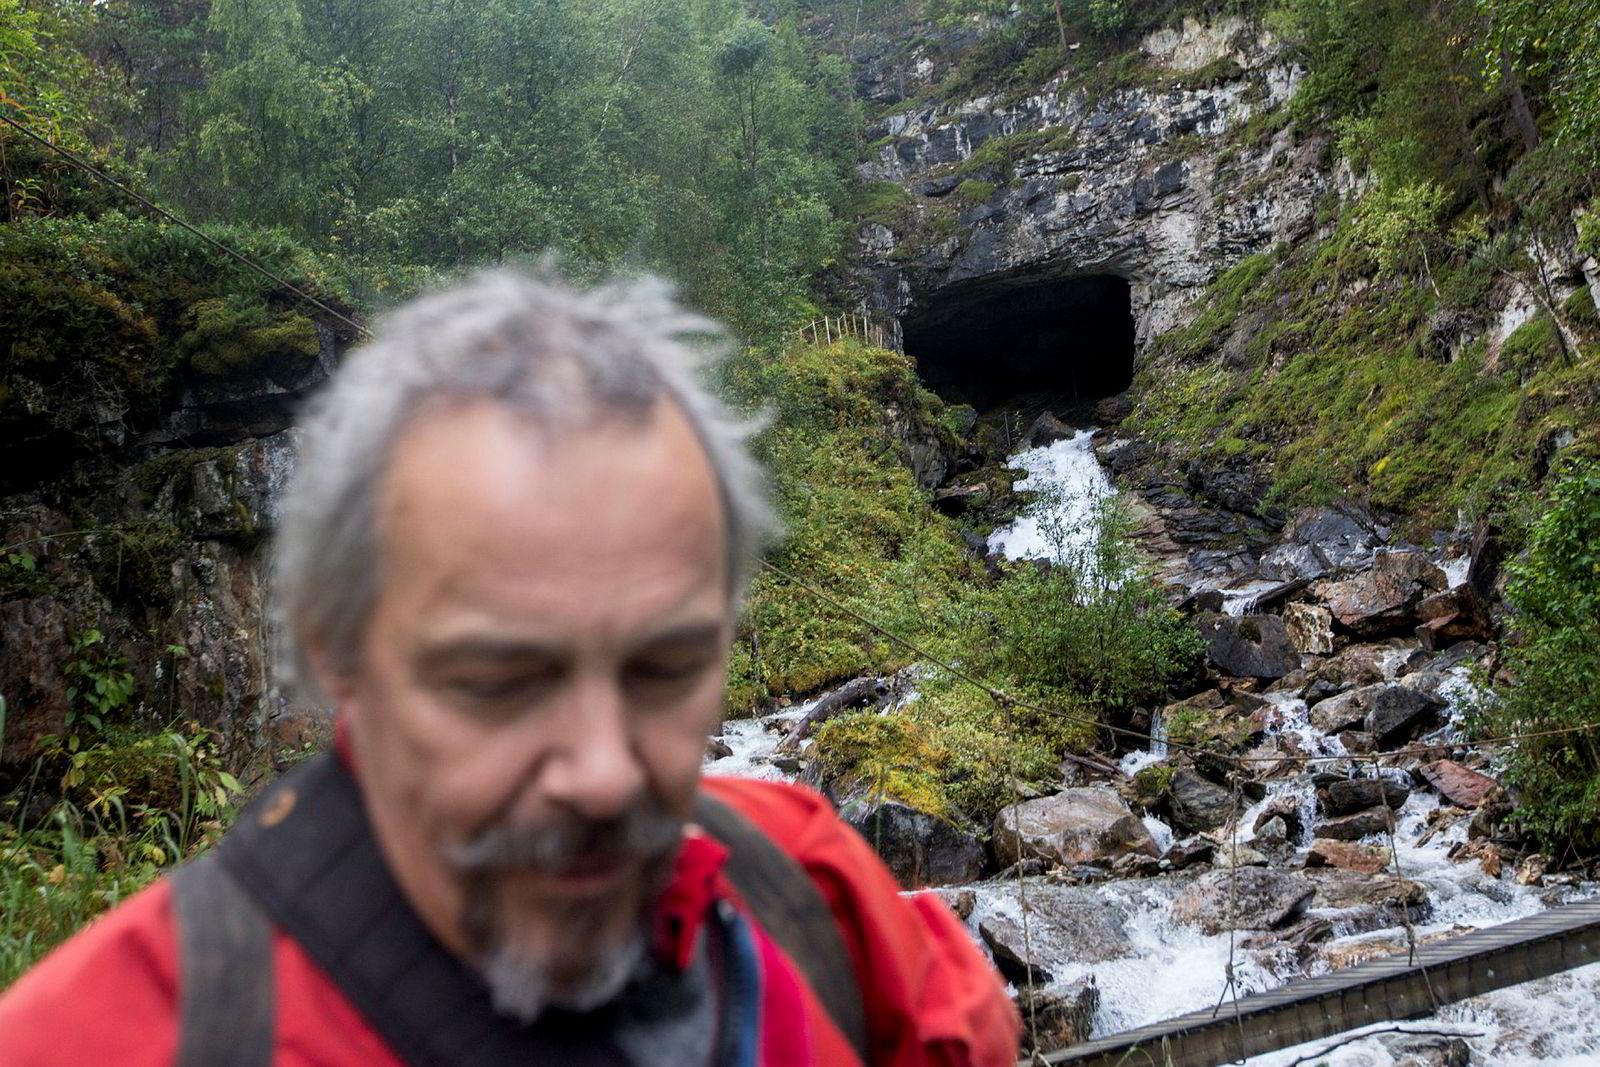 Ulv Holbye har kjent en dragning mot hullene i jordskorpen helt siden barndommen på 50-tallet.